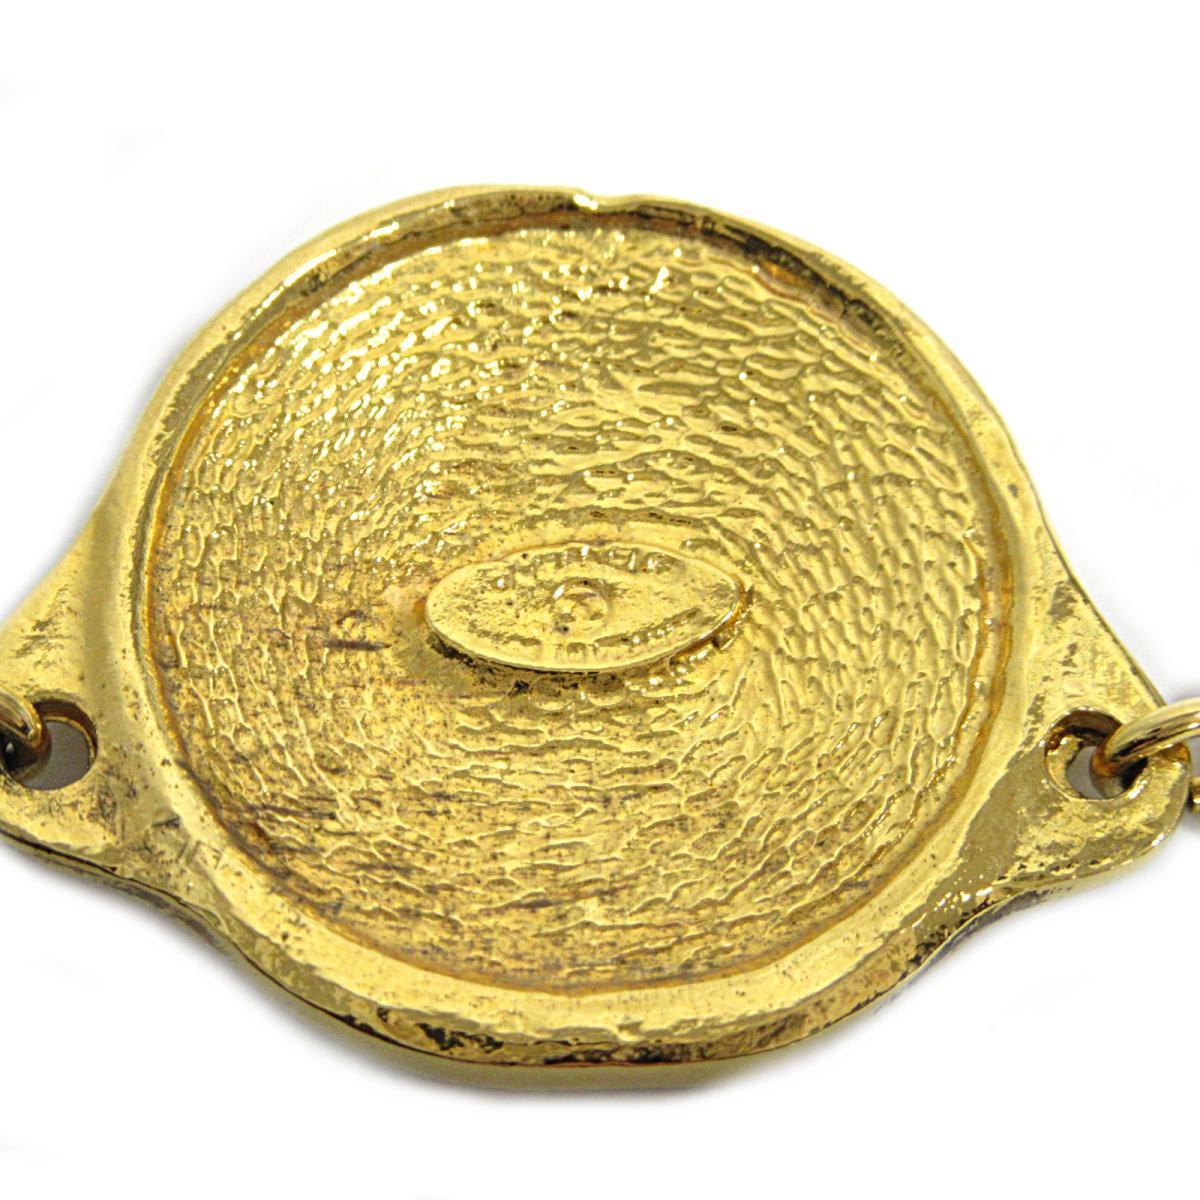 シャネル コイン型チョーカー ヴィンテージ カンボンコインネックレス レディース GP 金属素材 ゴールドCHANEL BRANDOFF ブランドオフ ブランド アクセサリー ネックレス ペンダントfIY7mvb6yg